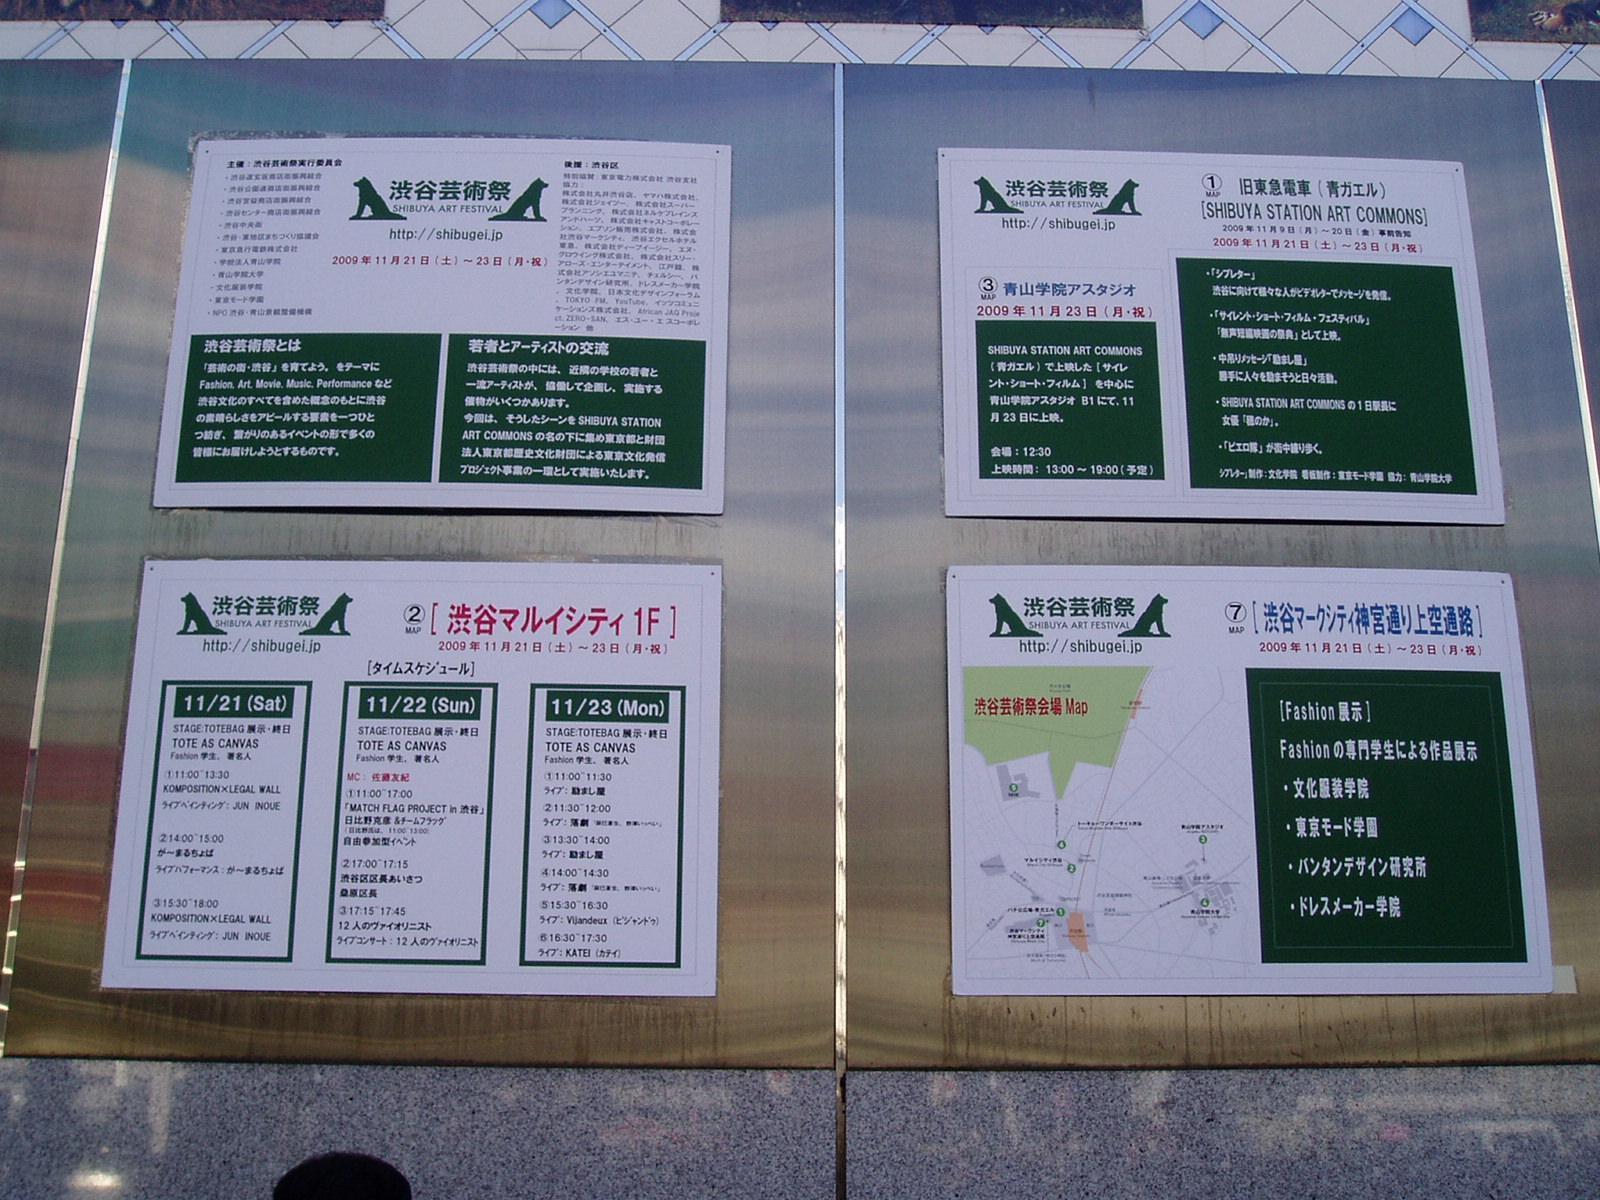 今日の東急デハ5001号の状況(54) 「渋谷芸術祭」と青ガエル_f0030574_172550100.jpg